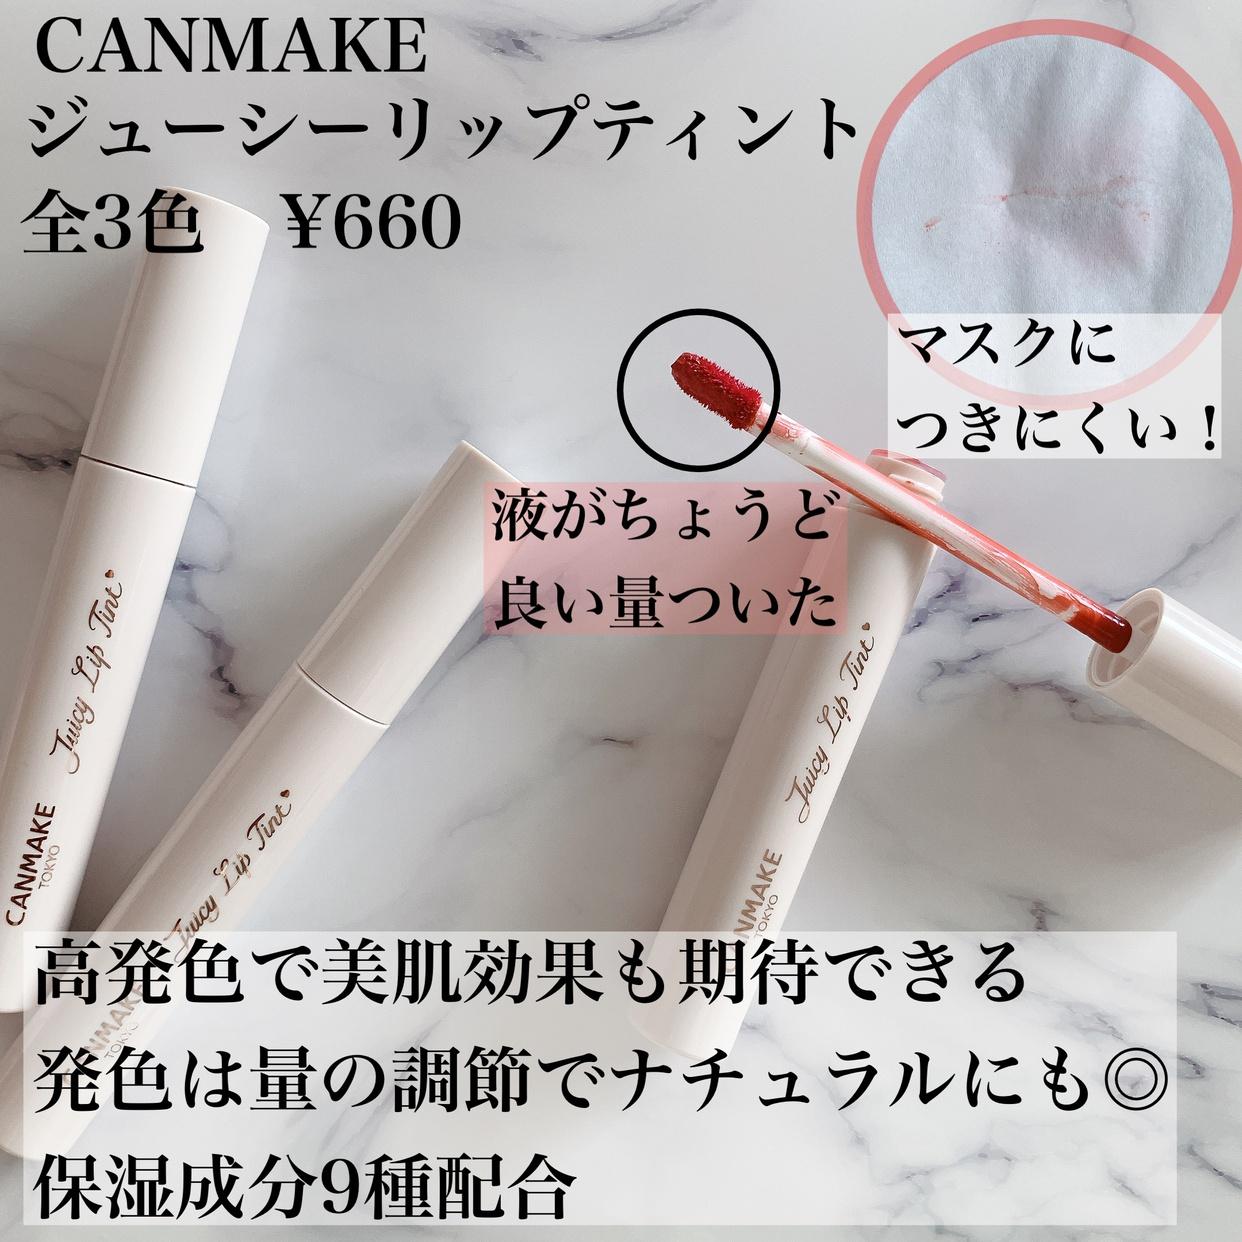 CANMAKE(キャンメイク) ジューシー リップ ティントを使ったまみやこさんのクチコミ画像2